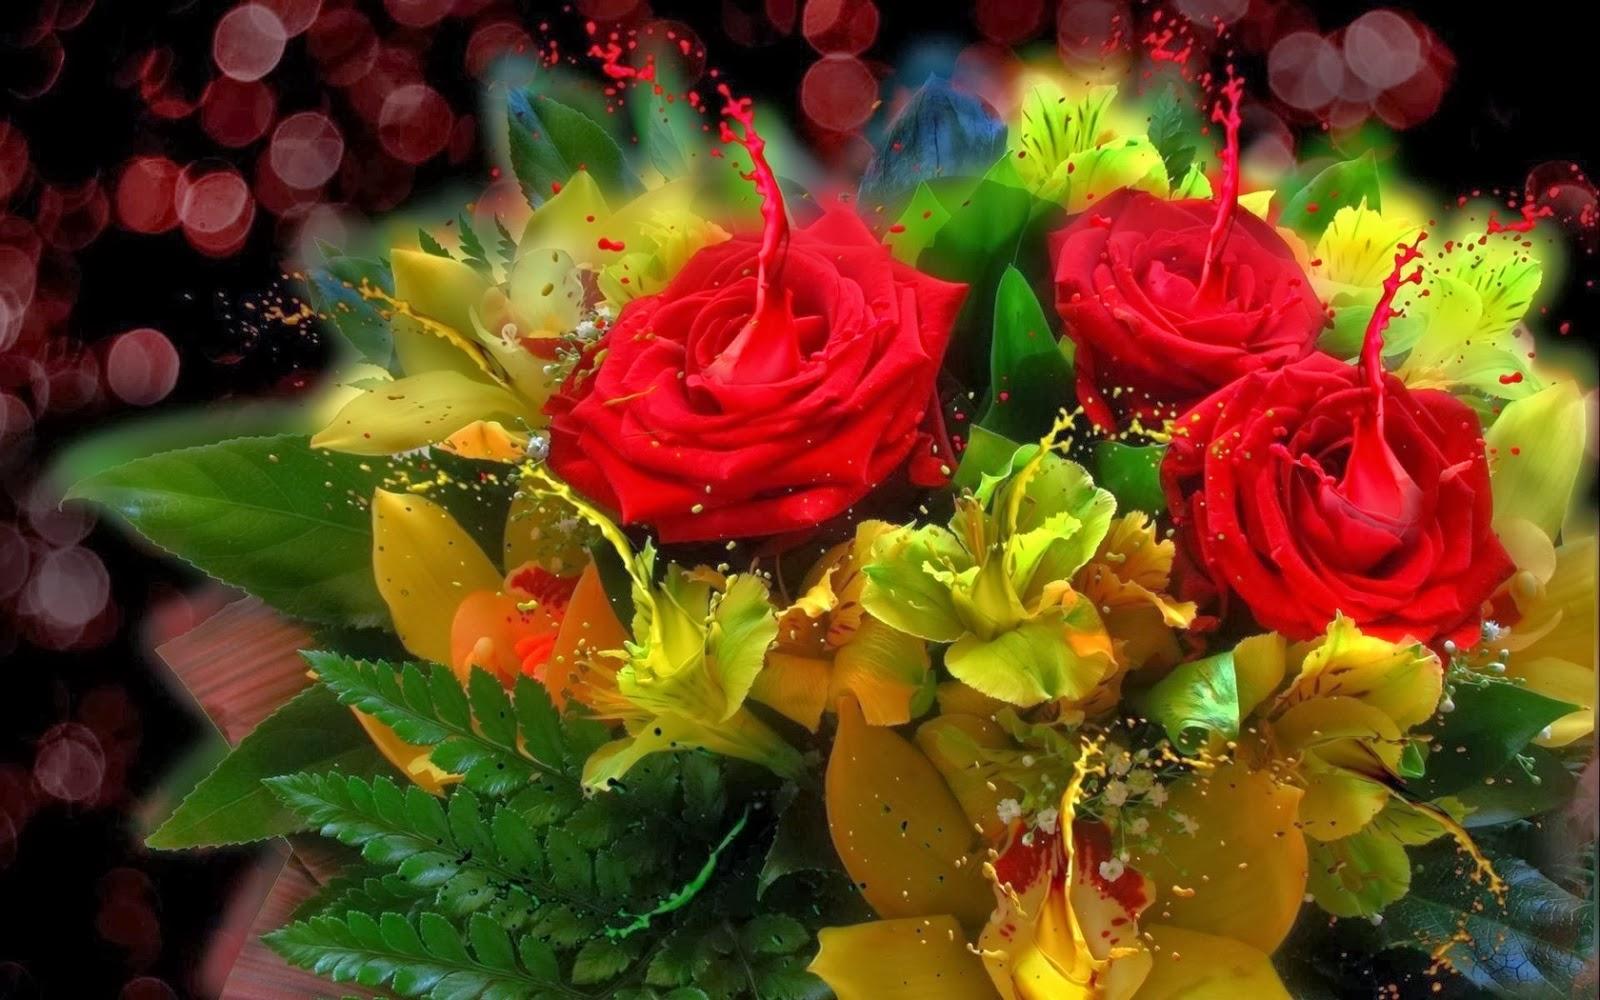 Fotos de ramo de rosas y flores fotos bonitas de amor im genes bonitas de amor - Ramos de flores hermosas ...